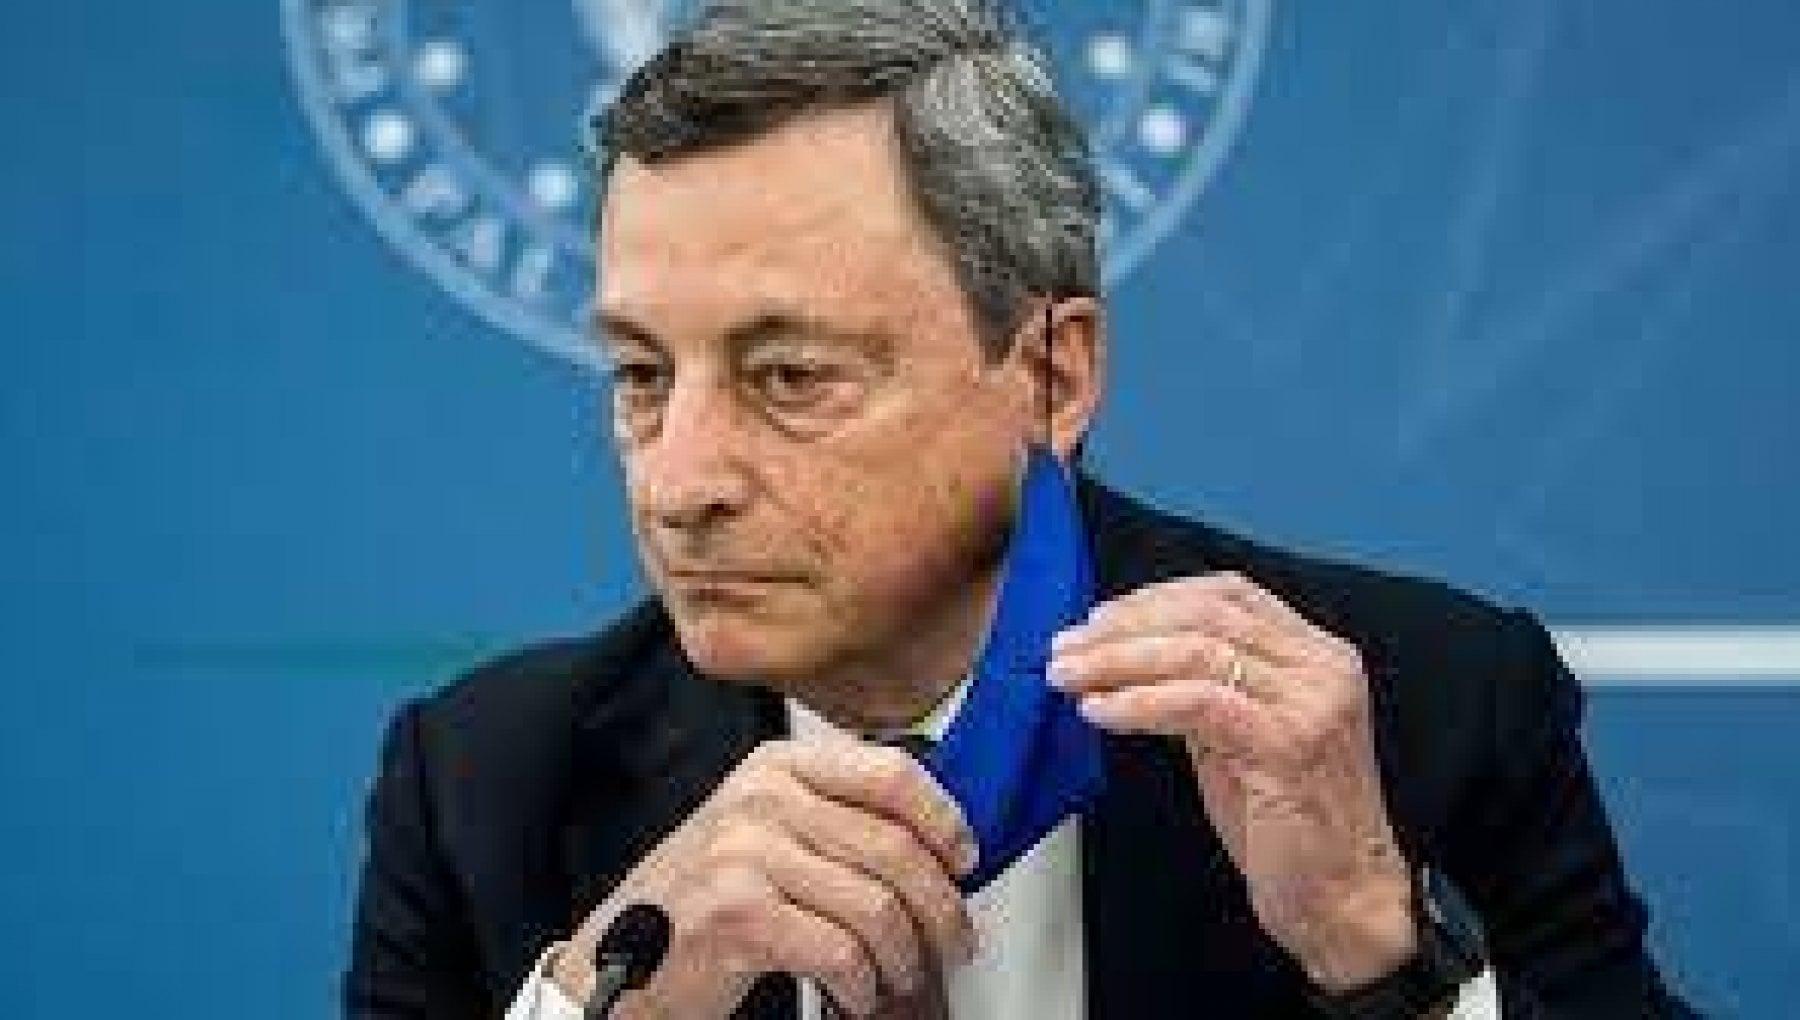 """214403574 08a6e1c0 f966 48a5 abd1 637f0c3f1e31 - Draghi: """"Speriamo che basti"""". Si teme l'effetto settembre"""